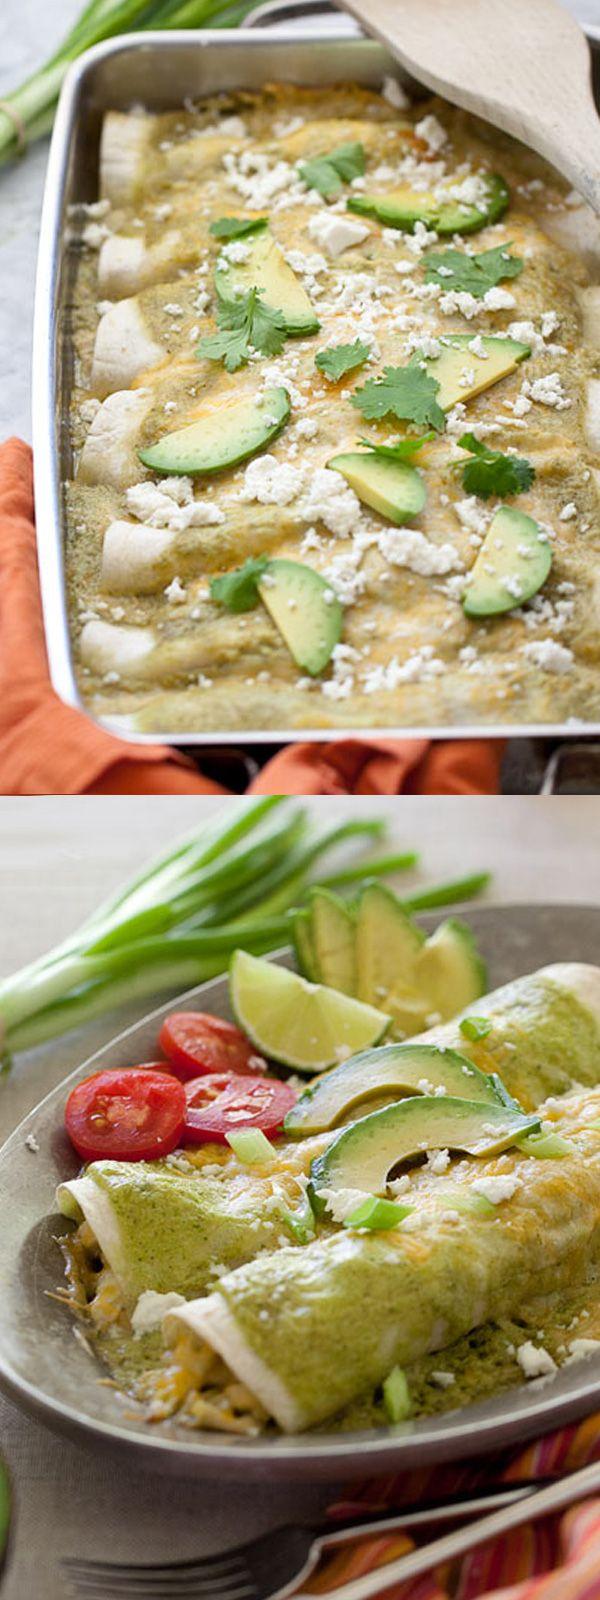 Avocado Cream and Chicken Suiza Enchiladas Recipe   foodiecrush.com